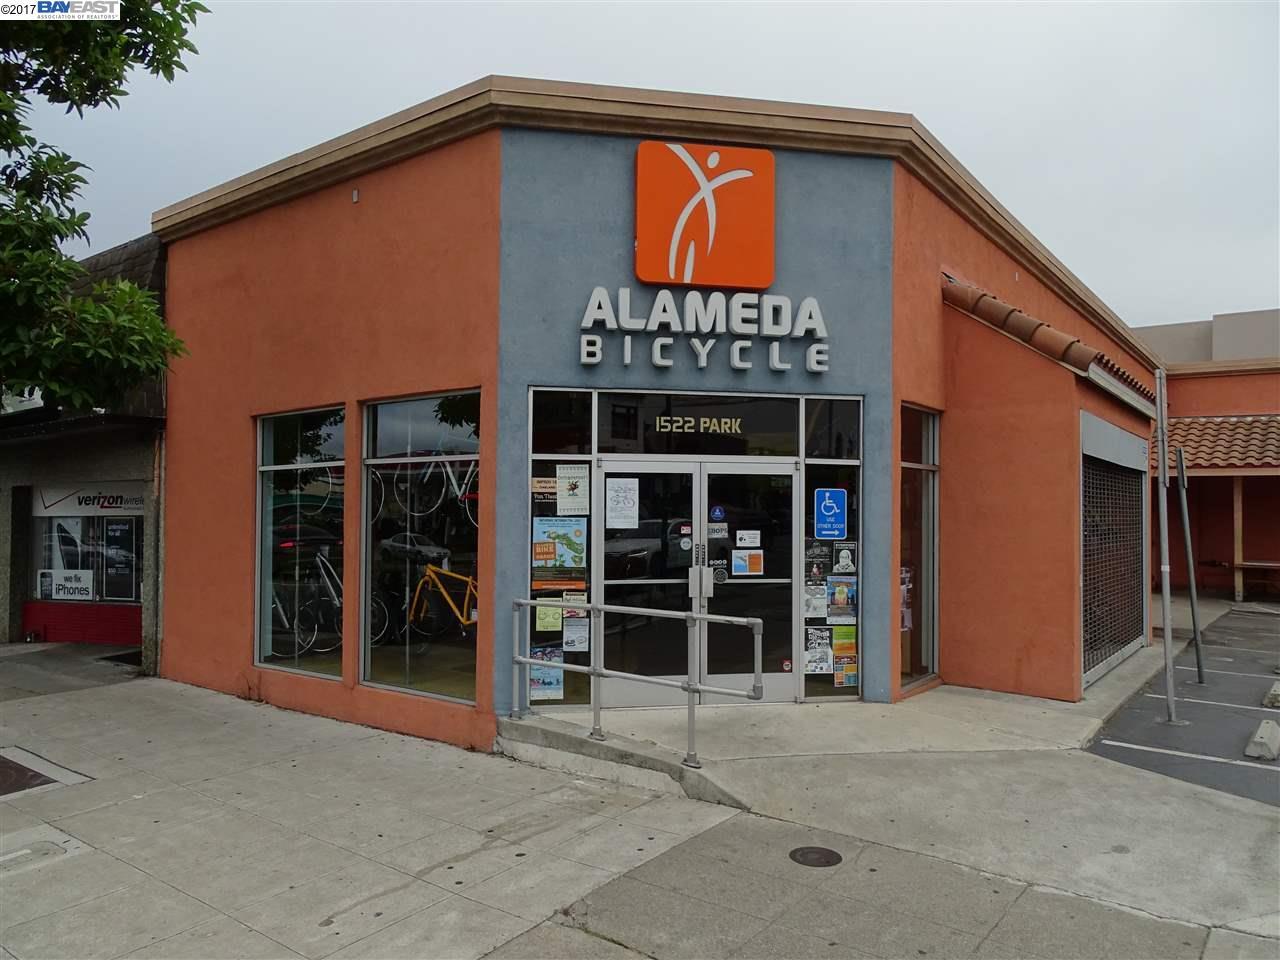 商用 のために 売買 アット 1522 Park Street 1522 Park Street Alameda, カリフォルニア 94501 アメリカ合衆国